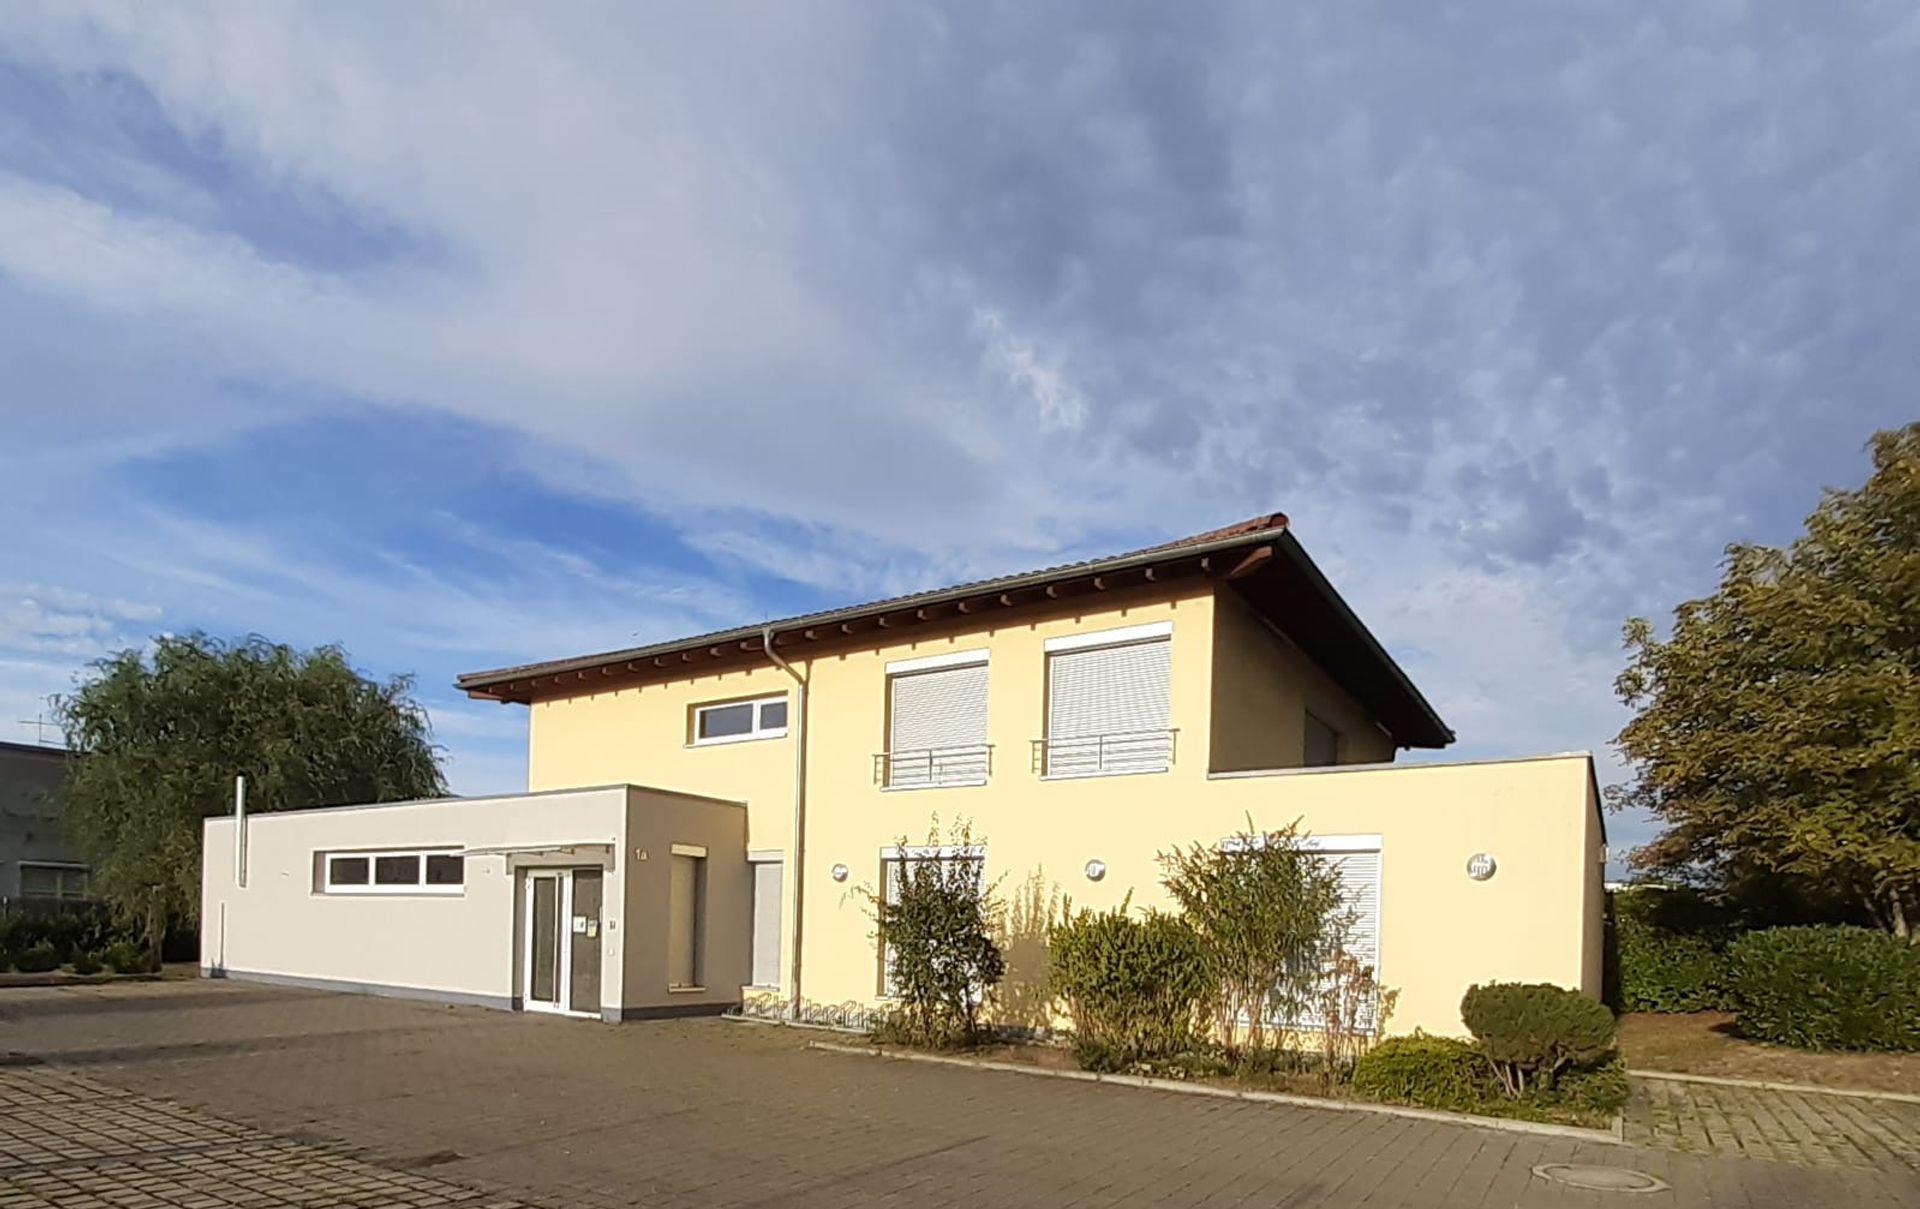 Rücken College mit neuem Standort in Breisach